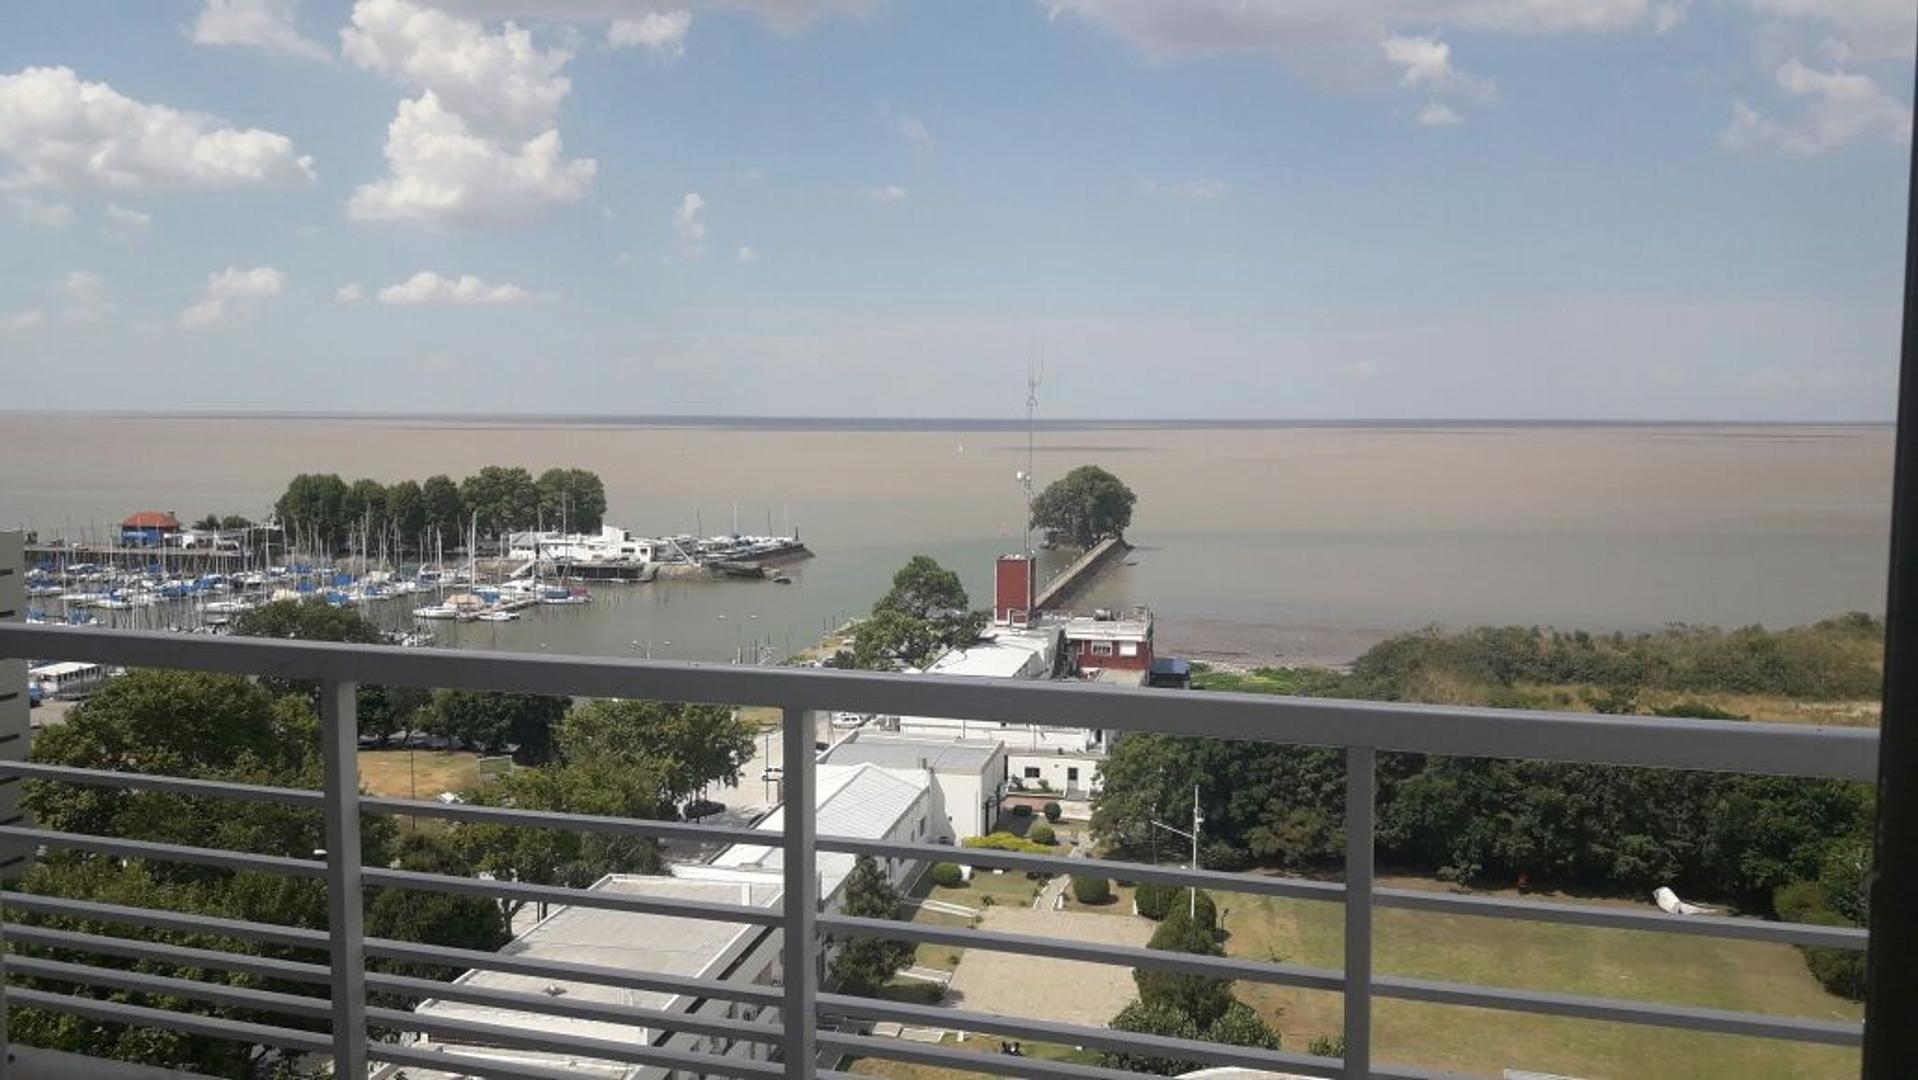 Departamento 4 ambientes, vista plena al rio, amenities, vig